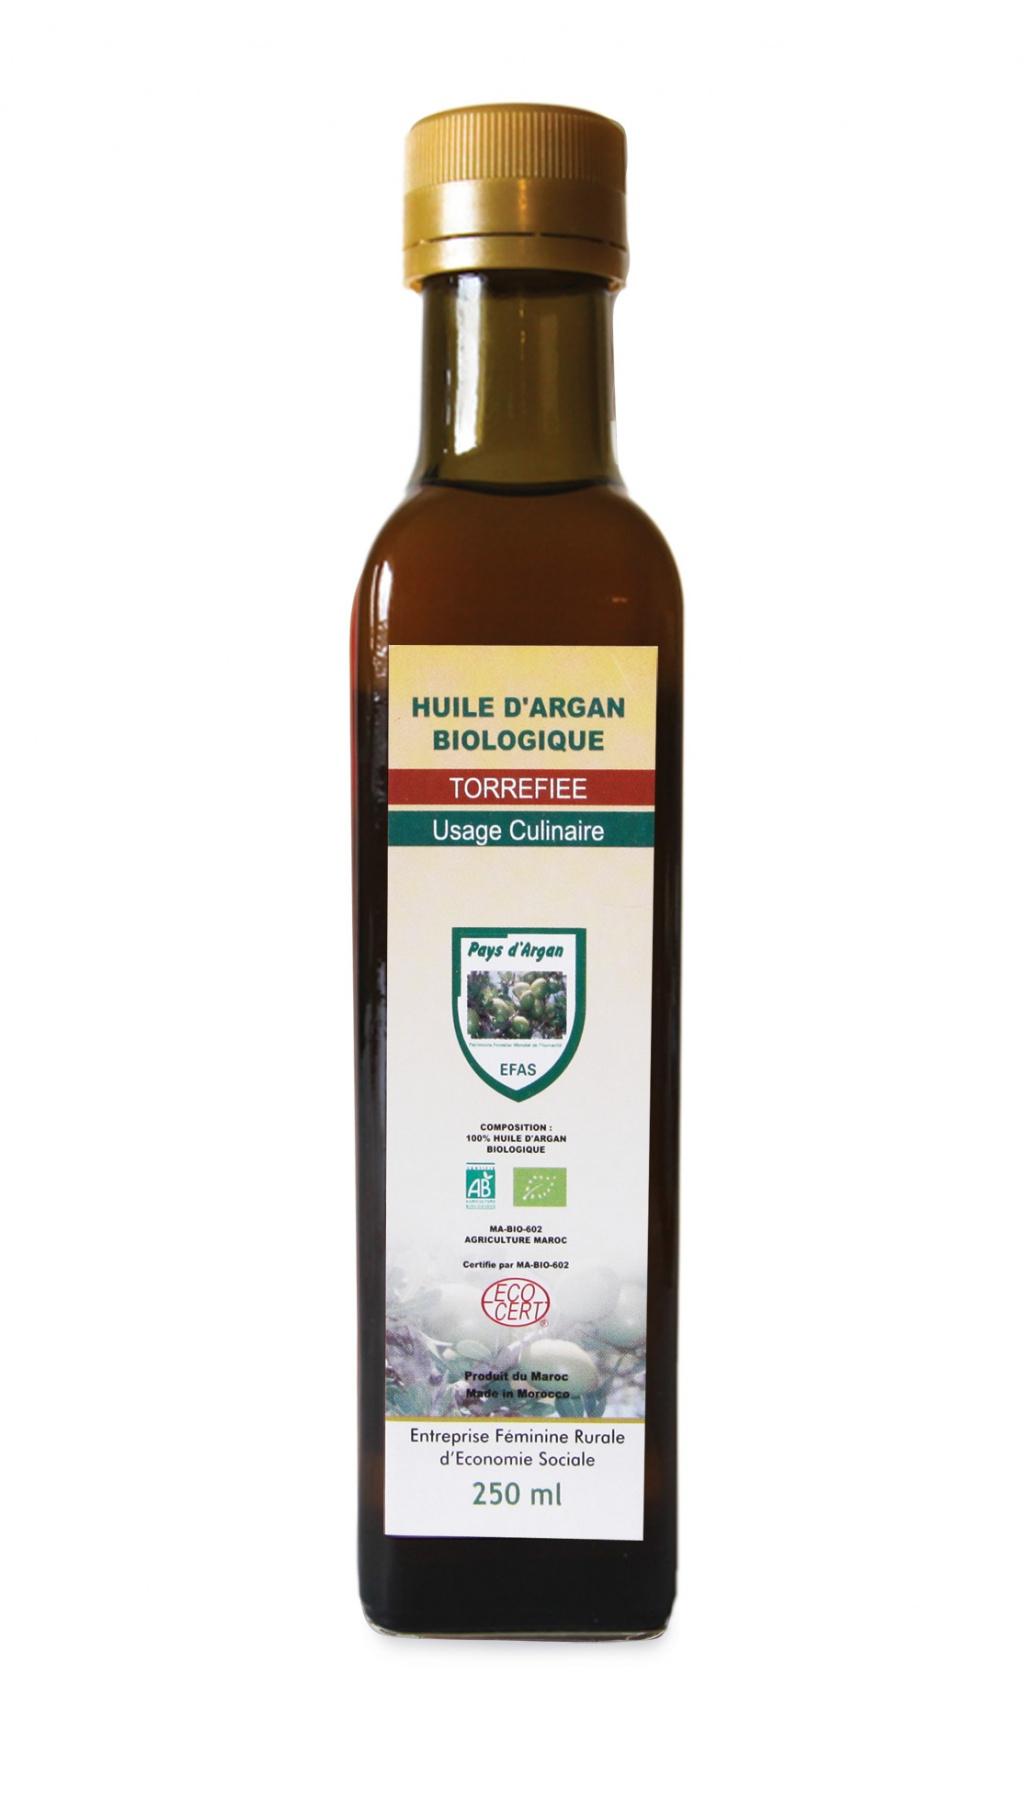 Olej arganowy spożywczy, 250 ml, MarokoSklep.com, 78,70 zł